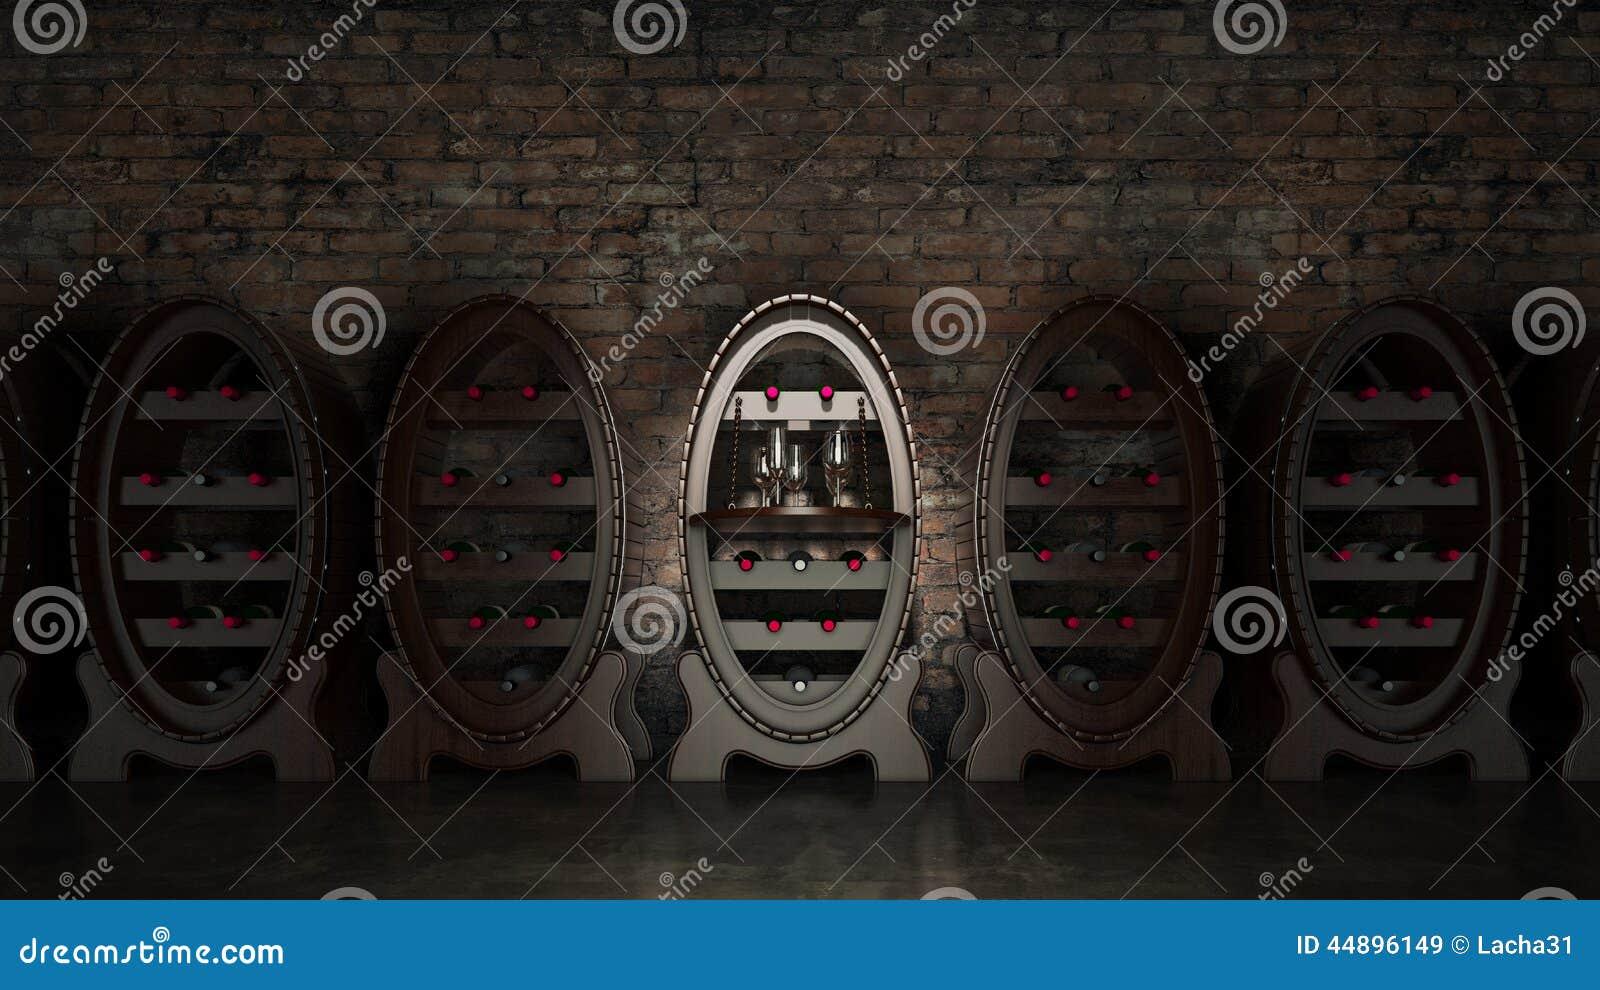 Het hoogtepunt van de wijnkelder van wijnflessen stock illustratie afbeelding 44896149 for Wijnkelder ontwerp